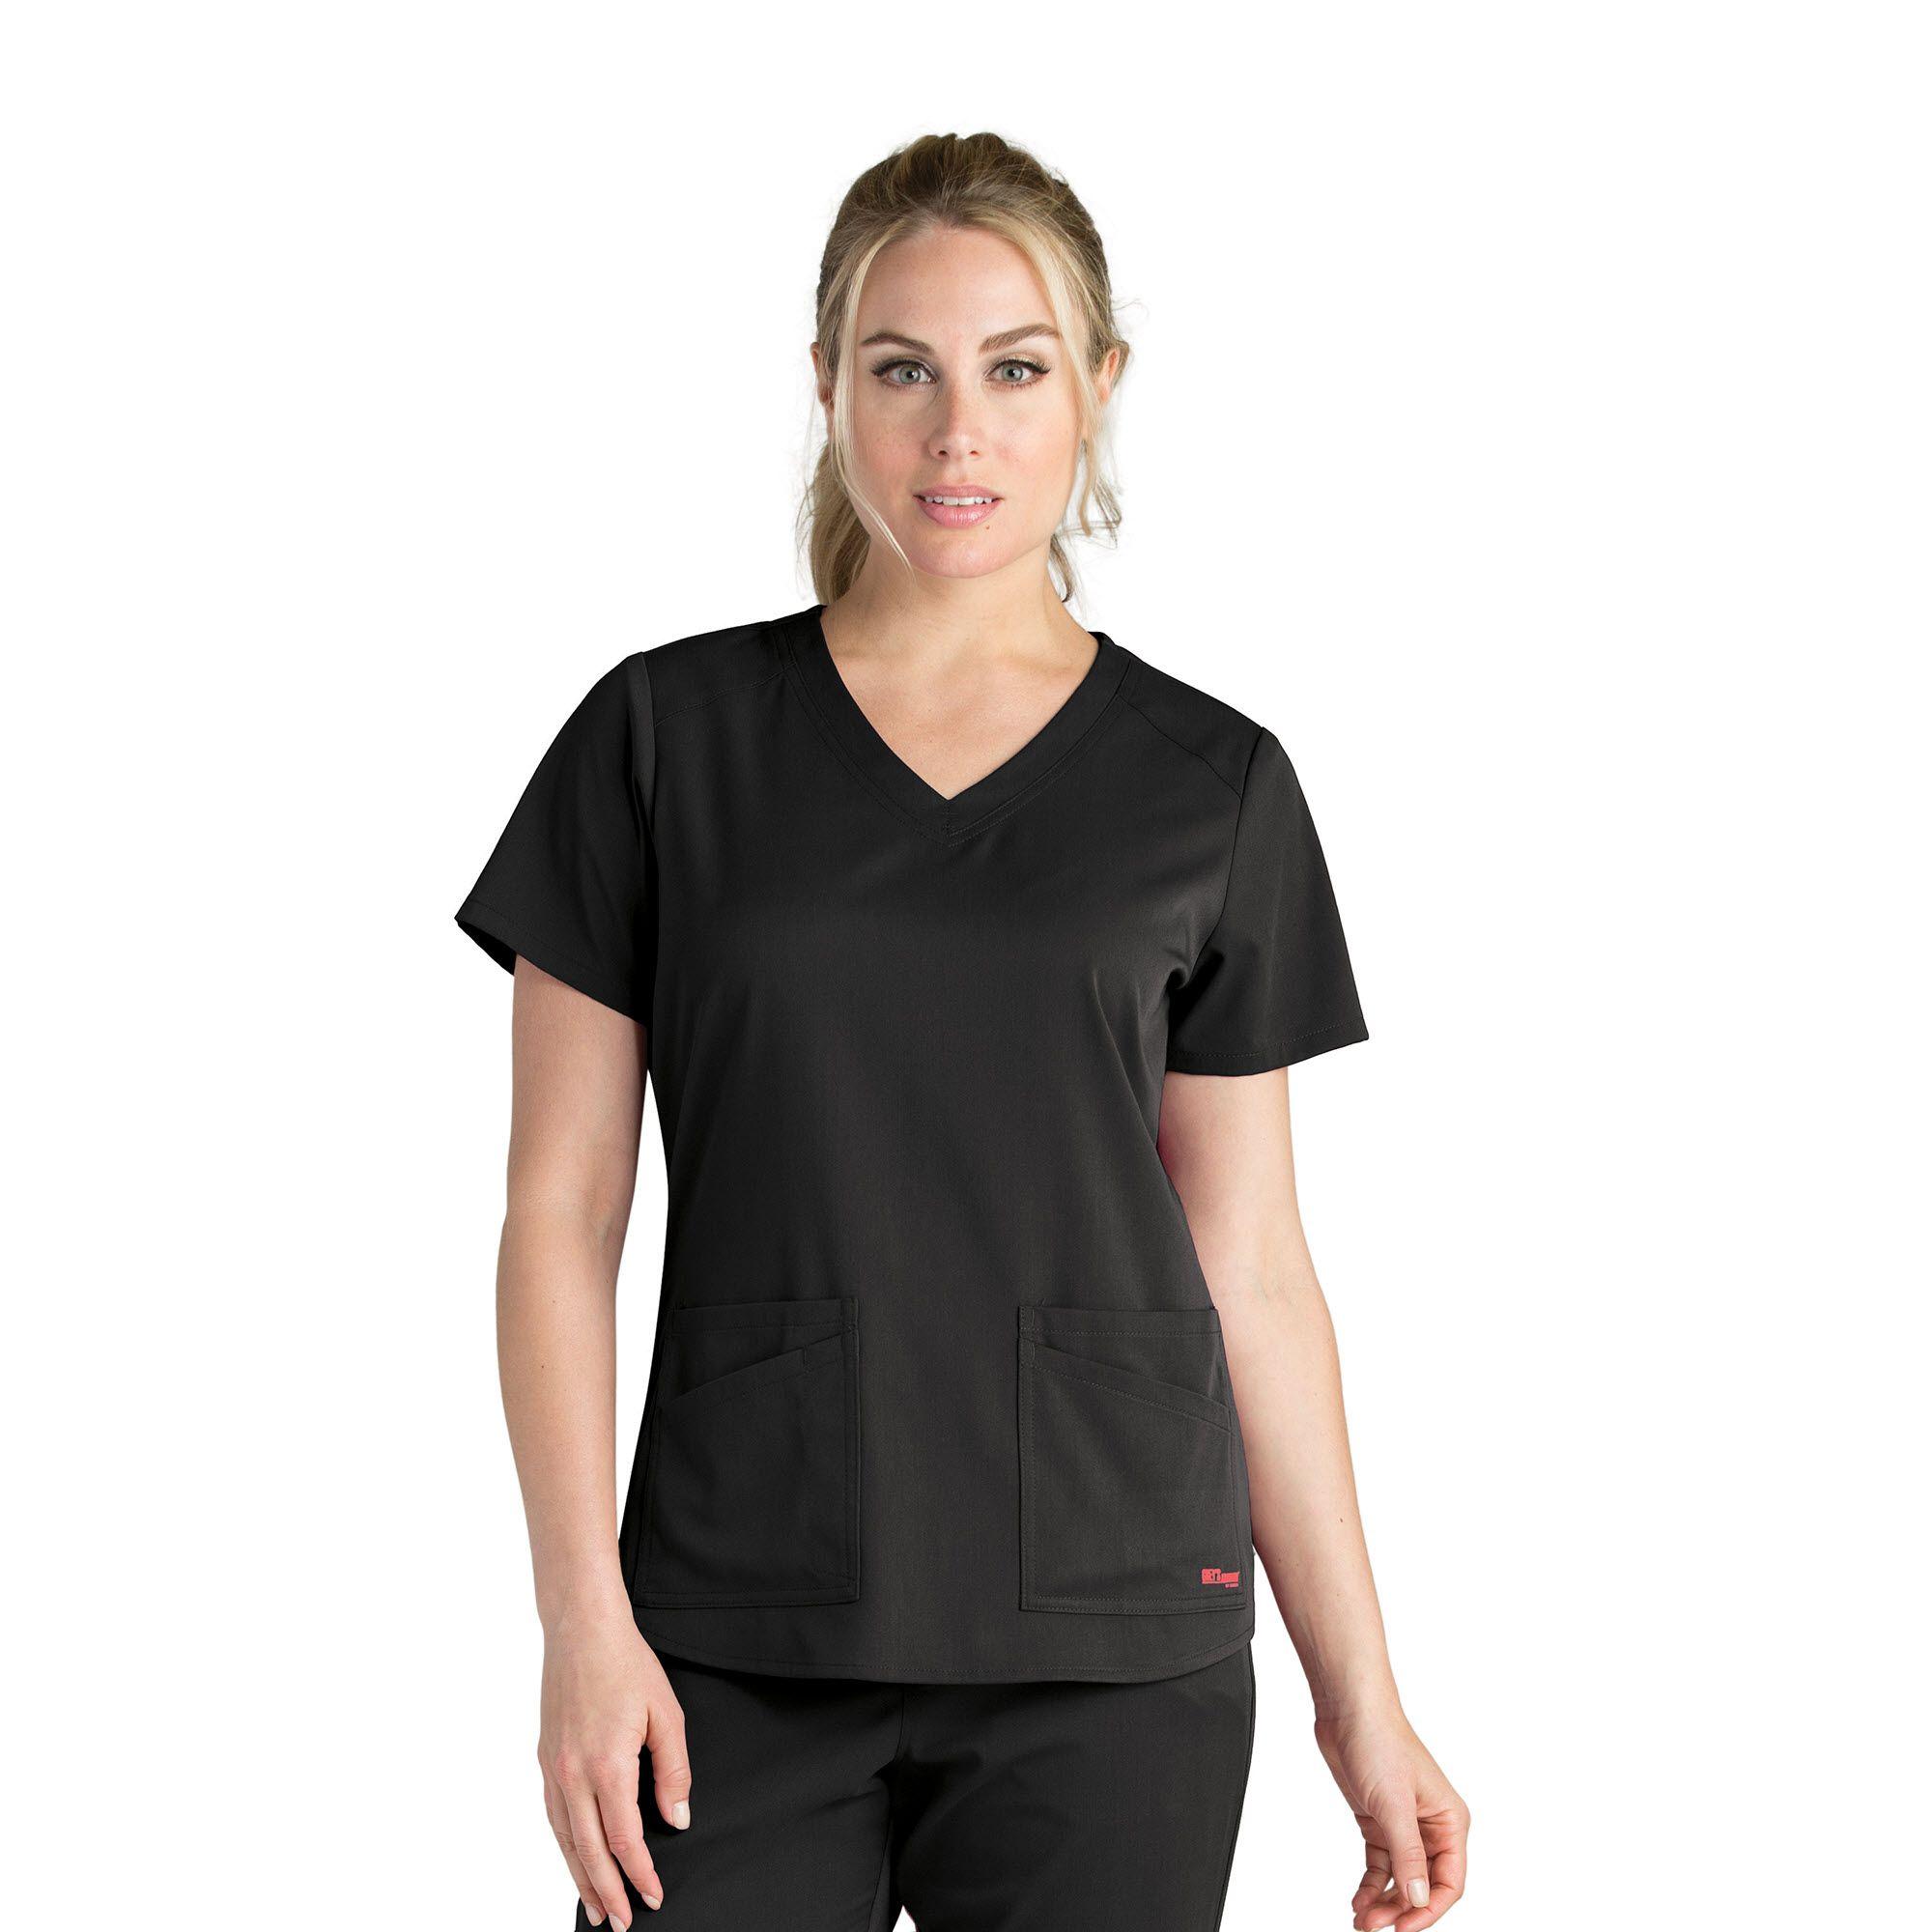 Grey's Anatomy 4 Pocket V-Neck Shoulder Yoke Top-Grays Anatomy Spandex Stretch